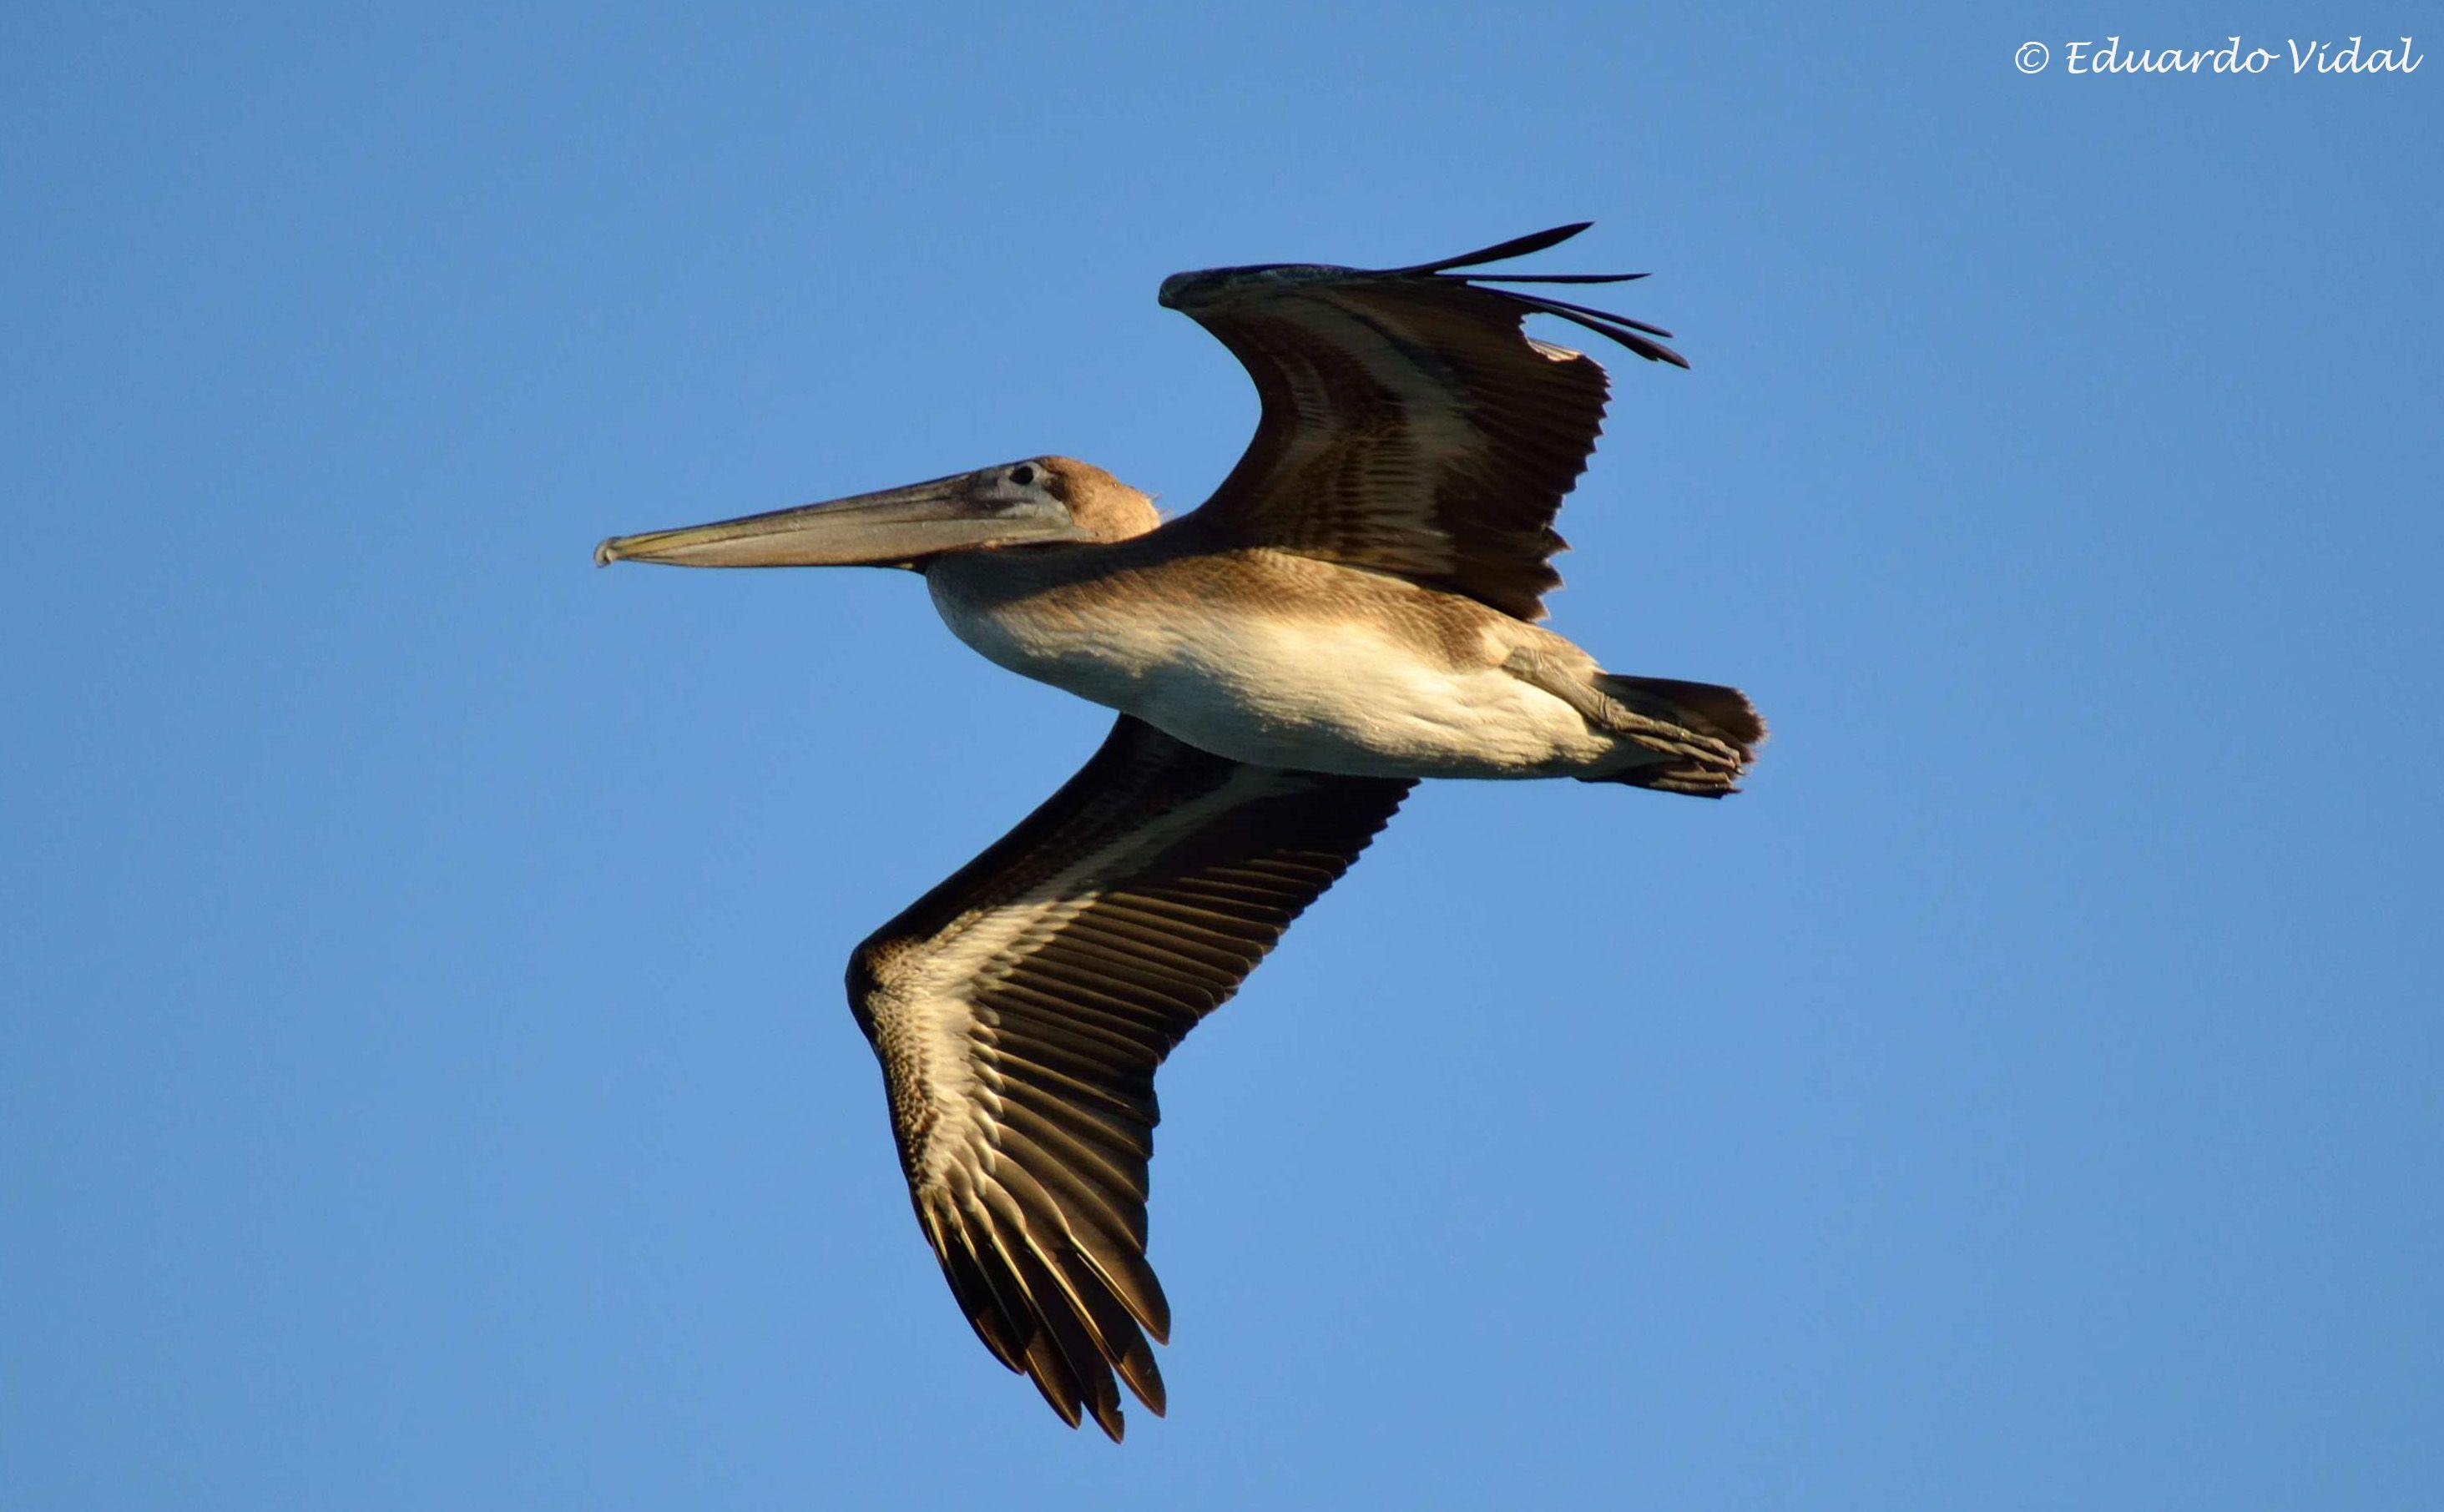 Pelicano volando 1 (Riviera Maya)